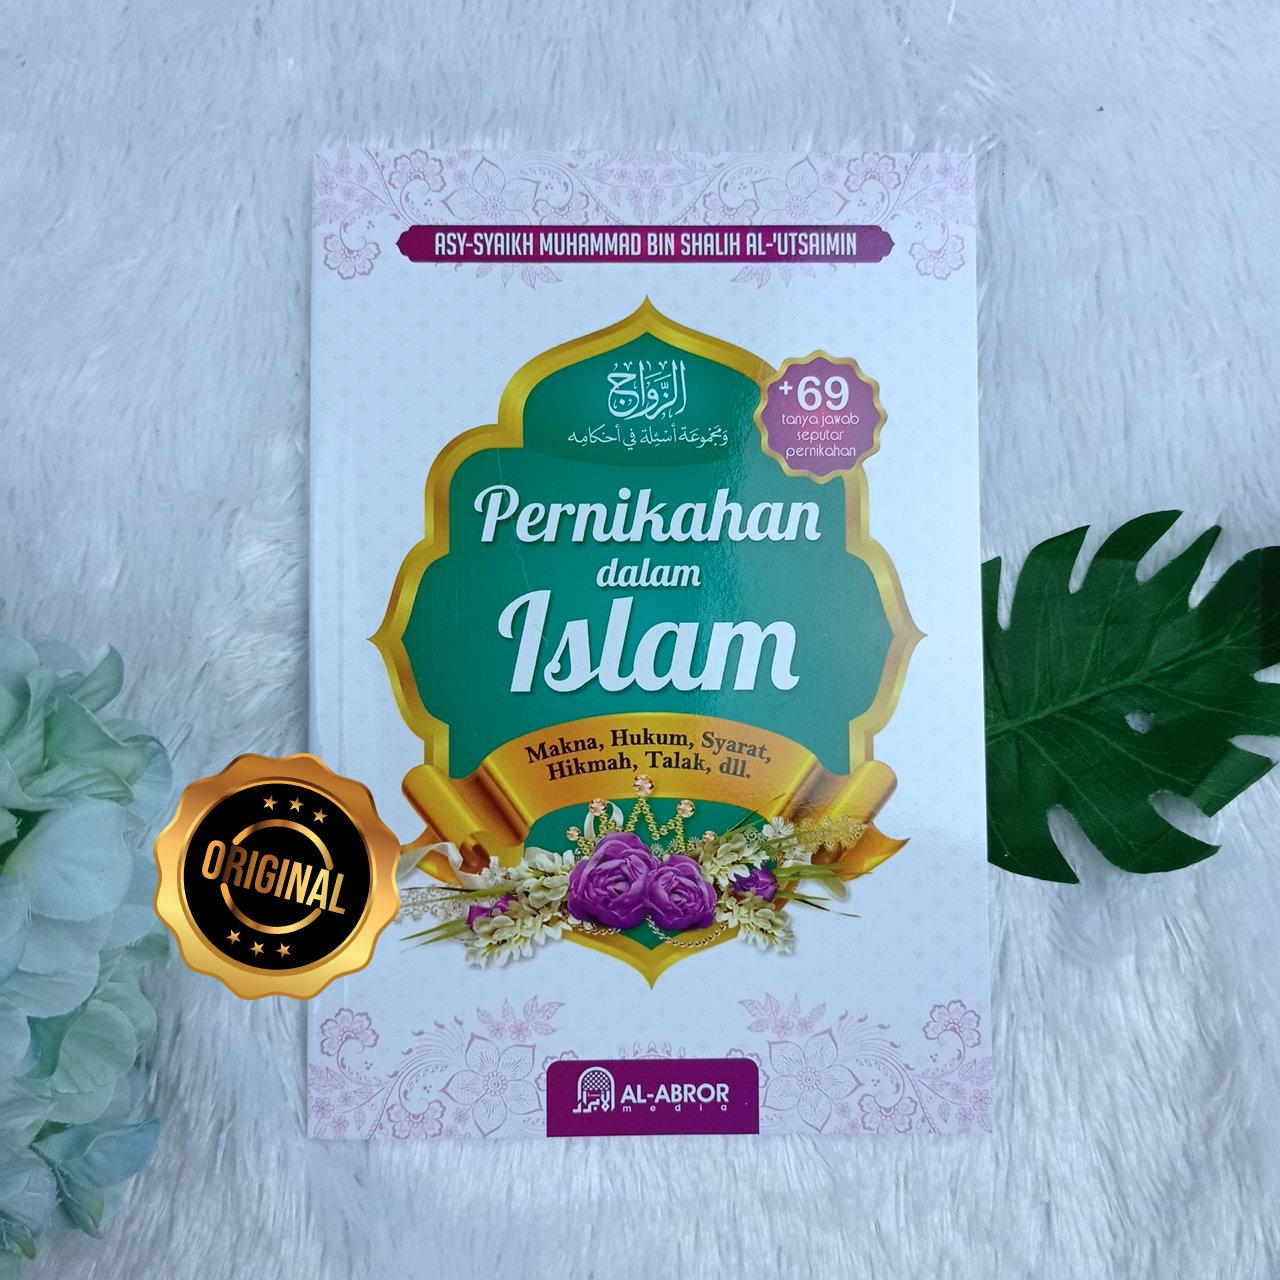 Buku Pernikahan Dalam Islam Makna Hukum Syarat Hikmah